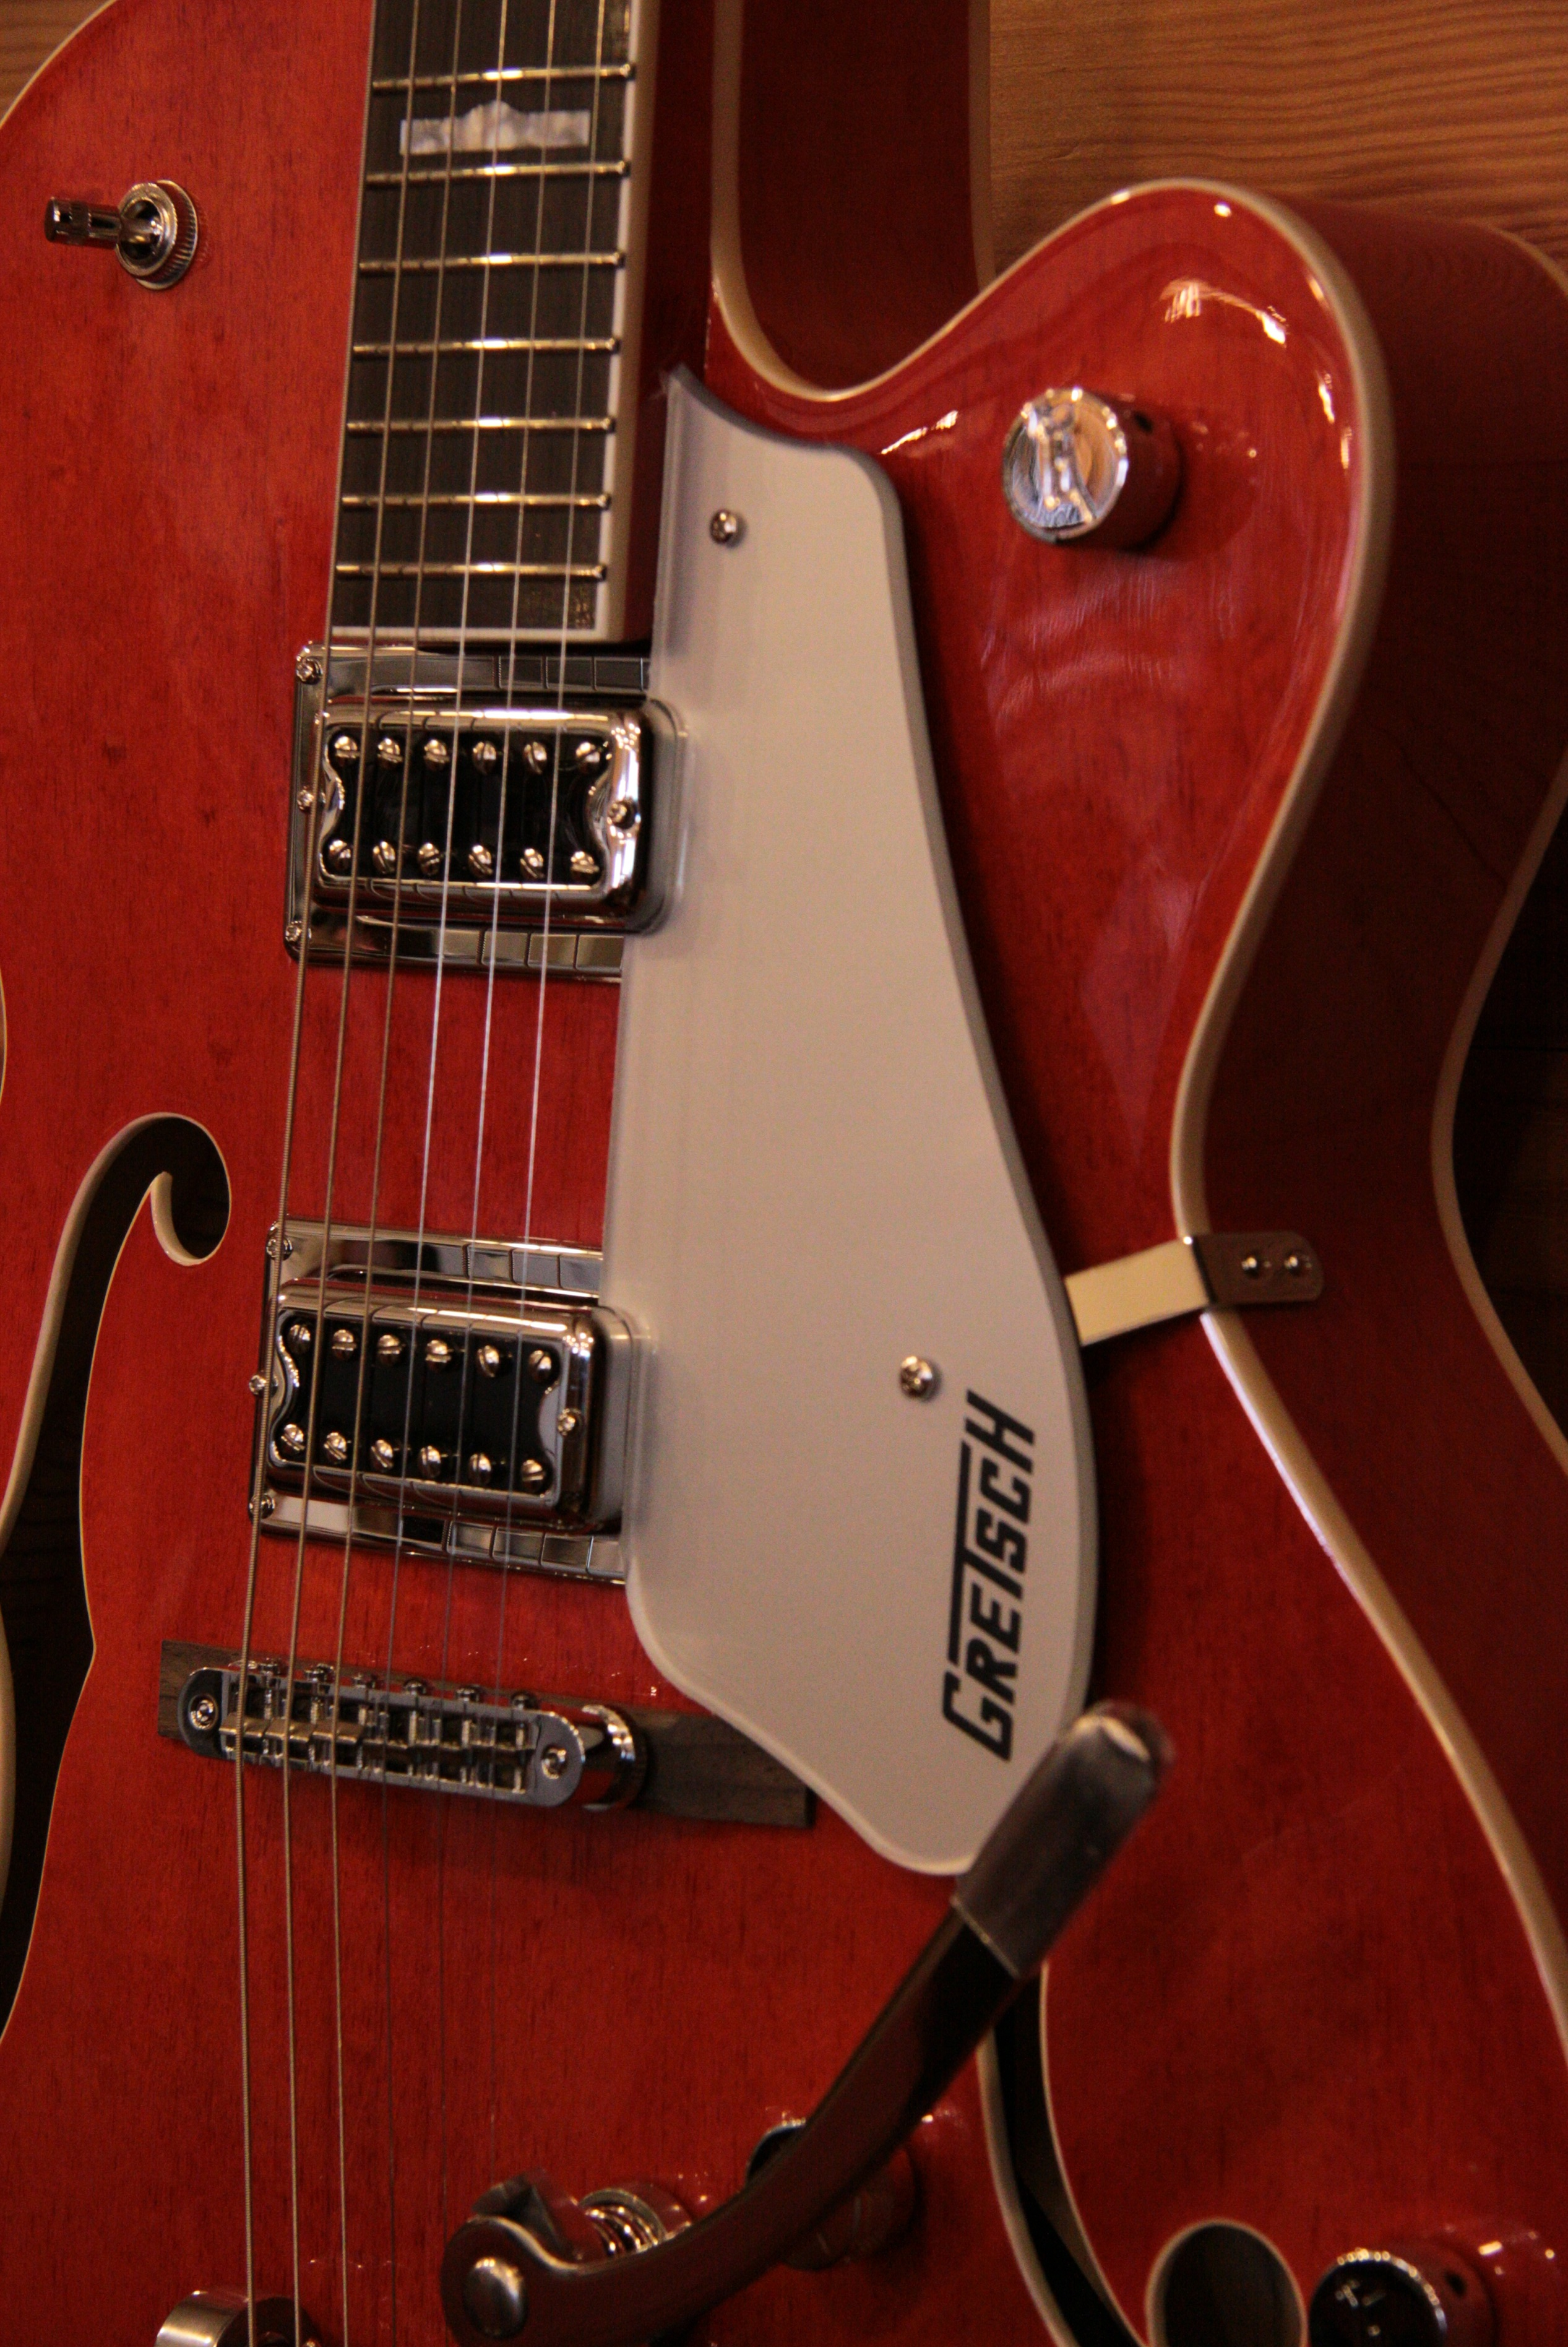 Gretsch 5420 T et Gretsch 5422 TDC | RockShop - Magasin de ...